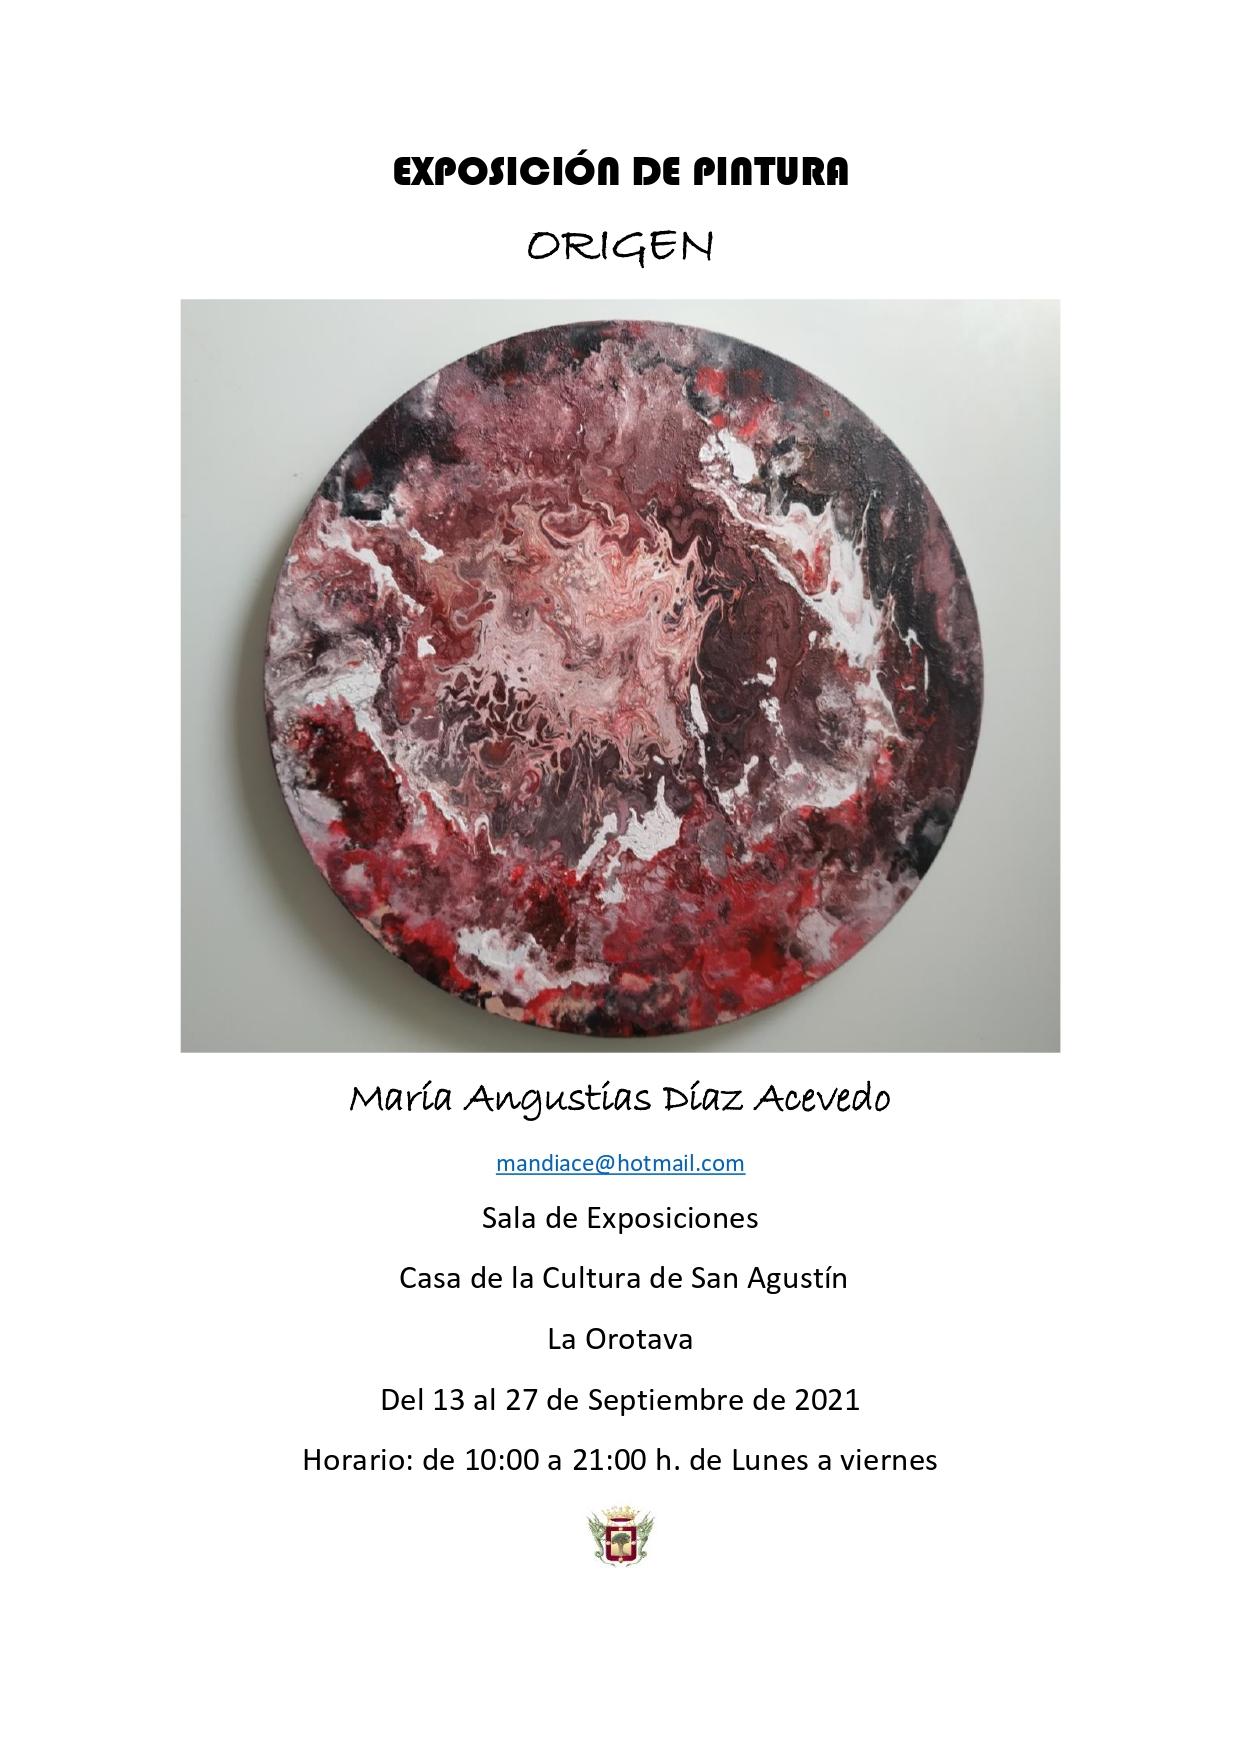 La exposición podrá ser visitada entre los días 13 y 27 de septiembre (de lunes a viernes), en horario de 10:00 a 21:00 horas